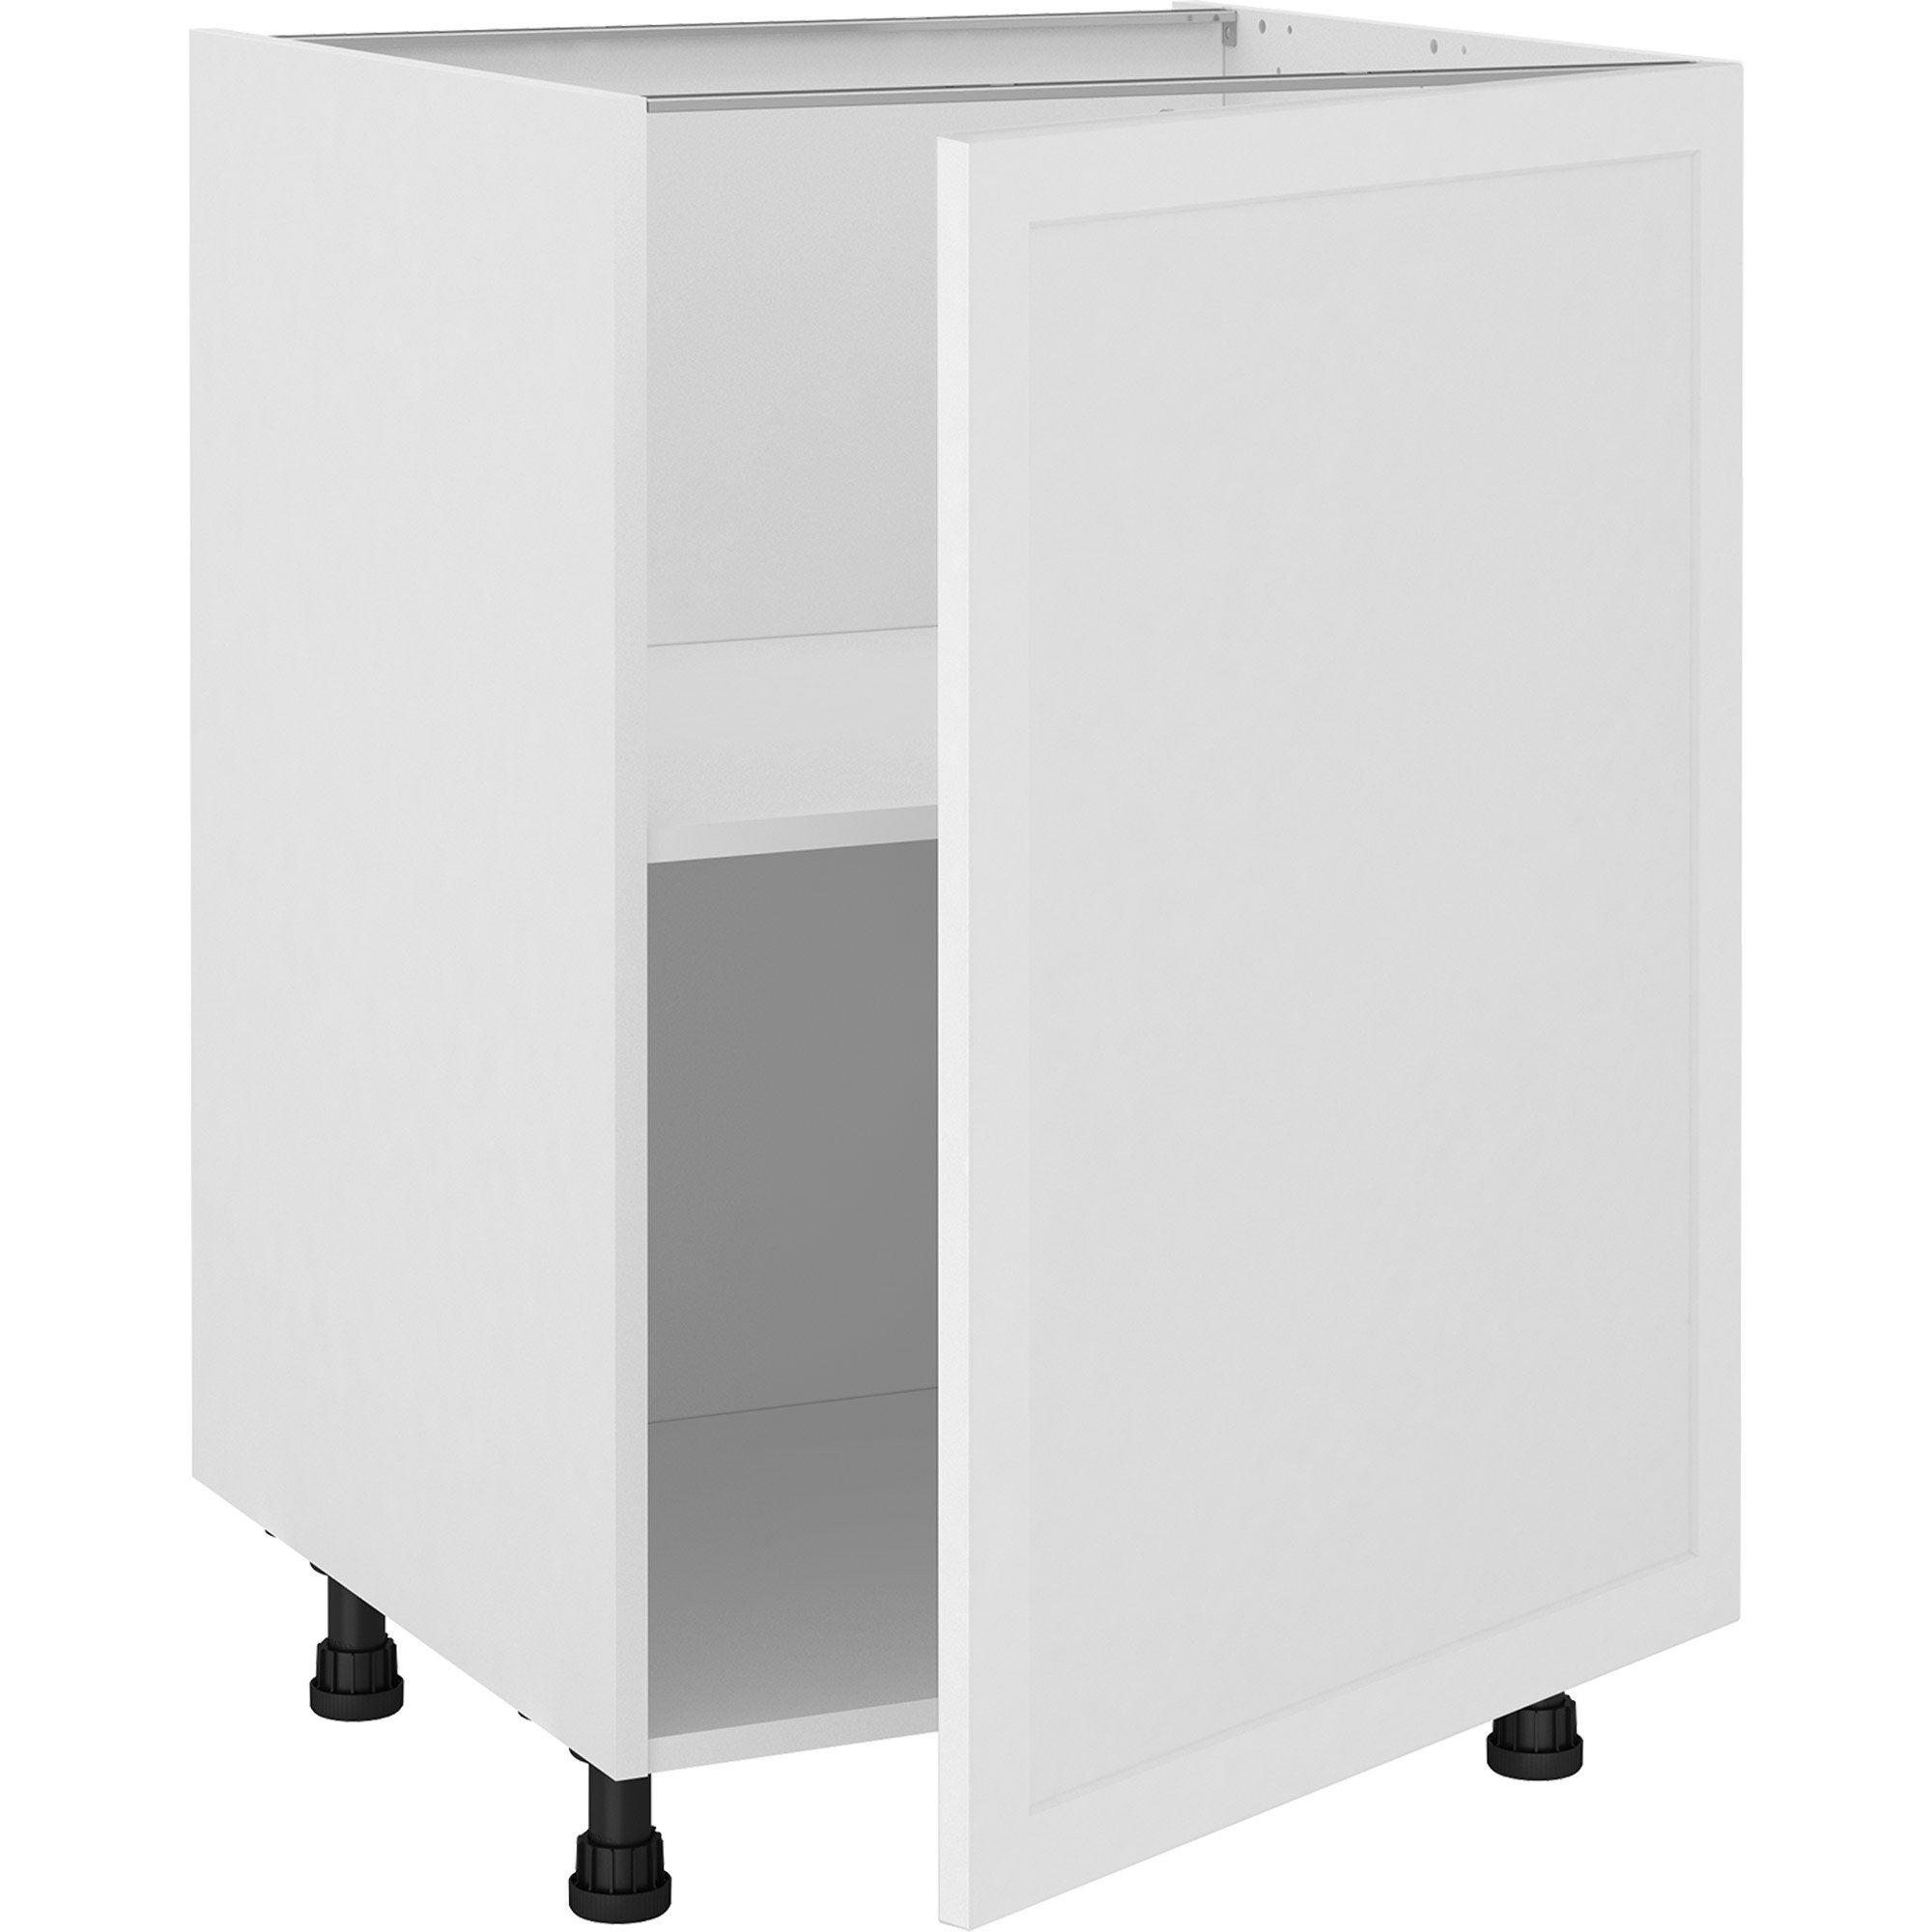 Meuble bas de cuisine Newport blanc, 1 porte H.77 l.60 cm x p.58 cm